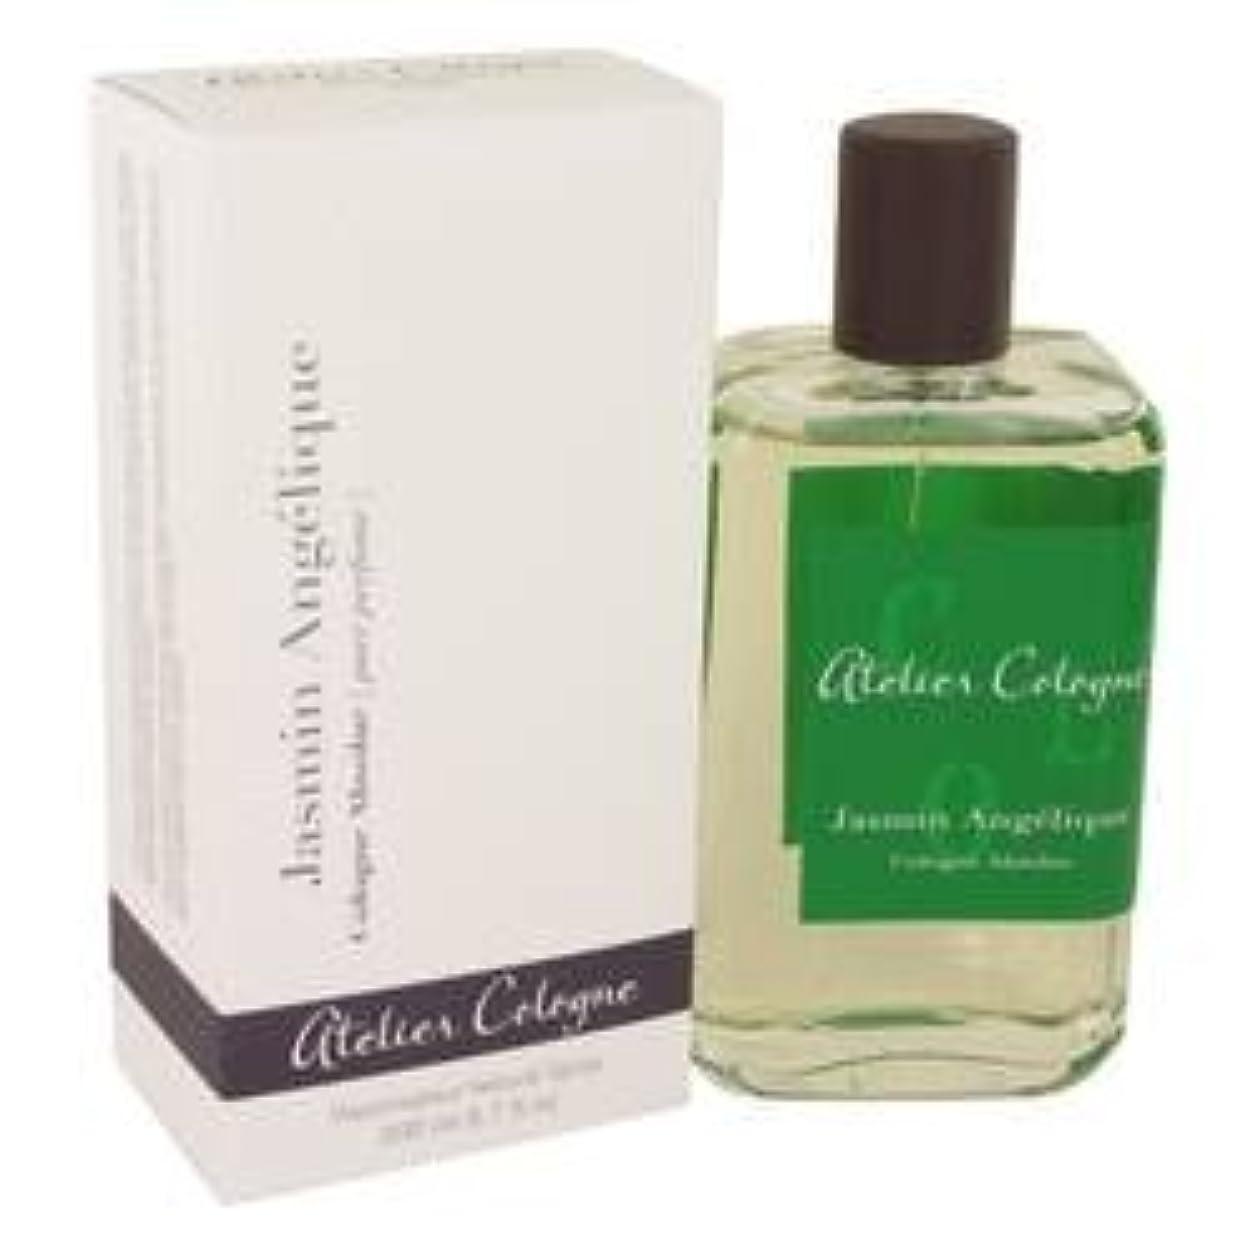 技術無効にする実験室Jasmin Angelique Pure Perfume Spray (Unisex) By Atelier Cologne